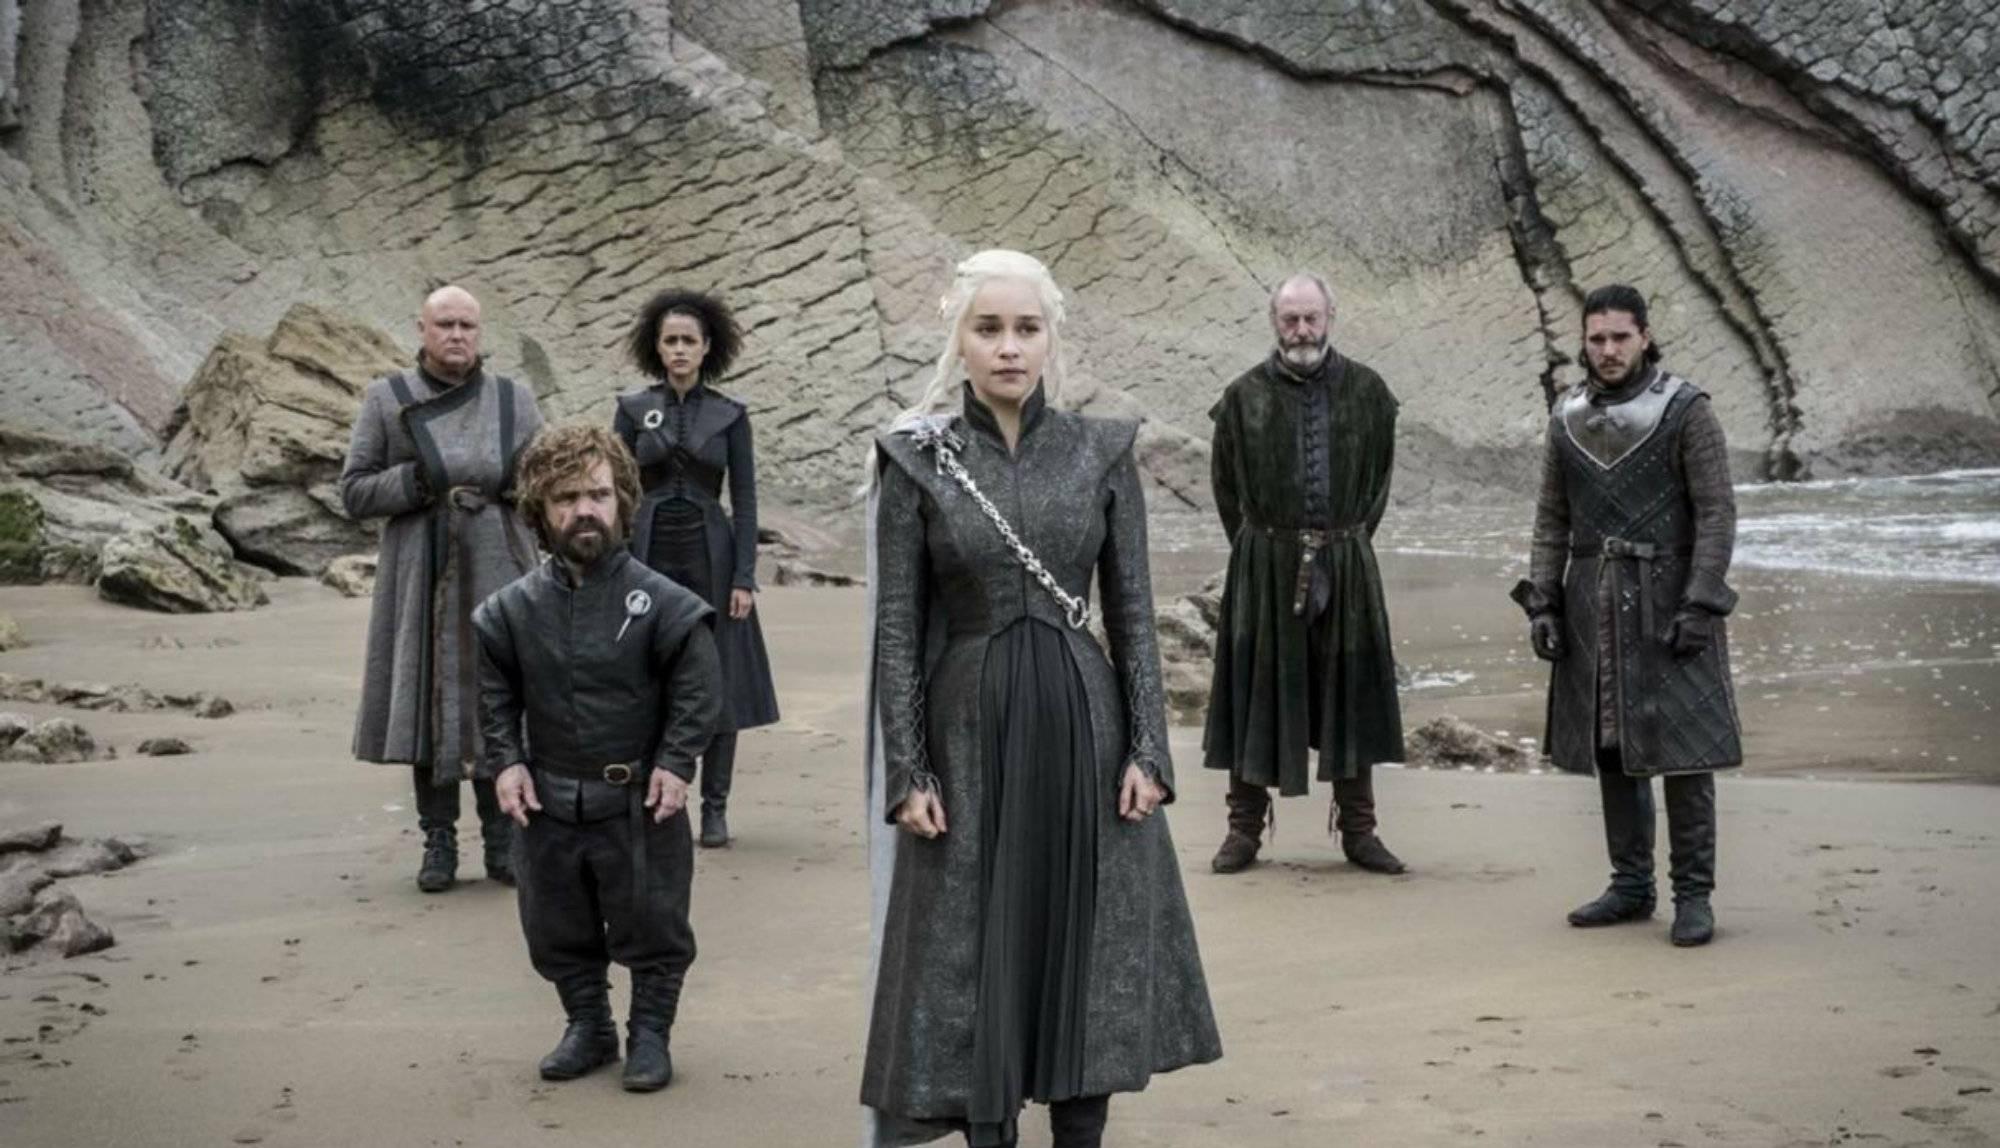 Termina la séptima temporada de Game of Thrones ya esperar